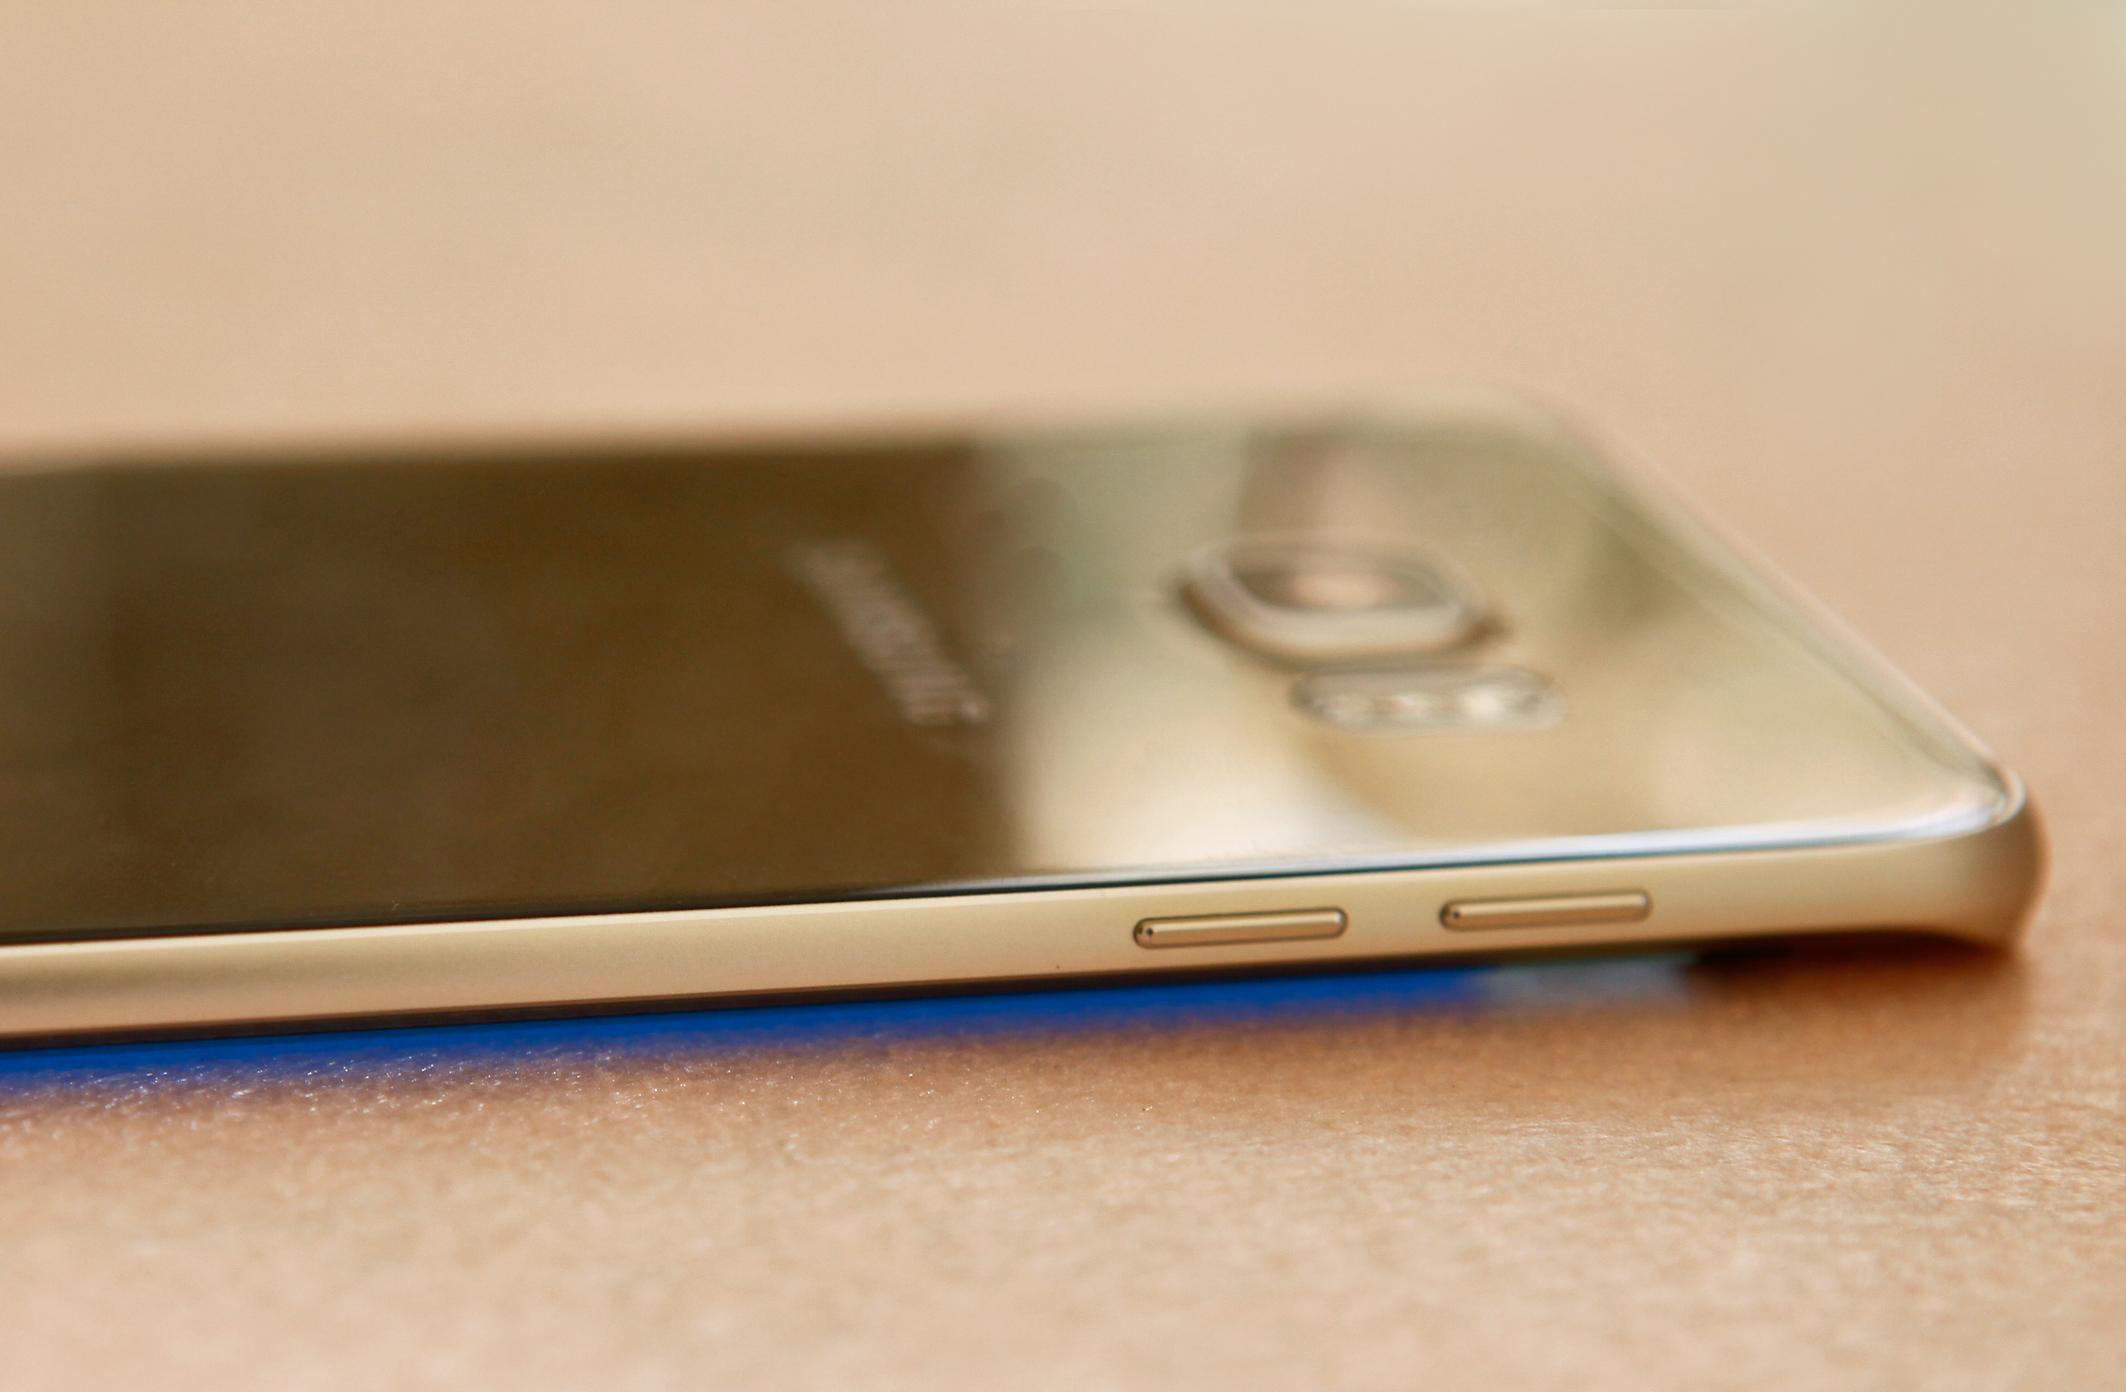 Samsung Galaxy S6 Edge Plus màn hình siêu đẹp